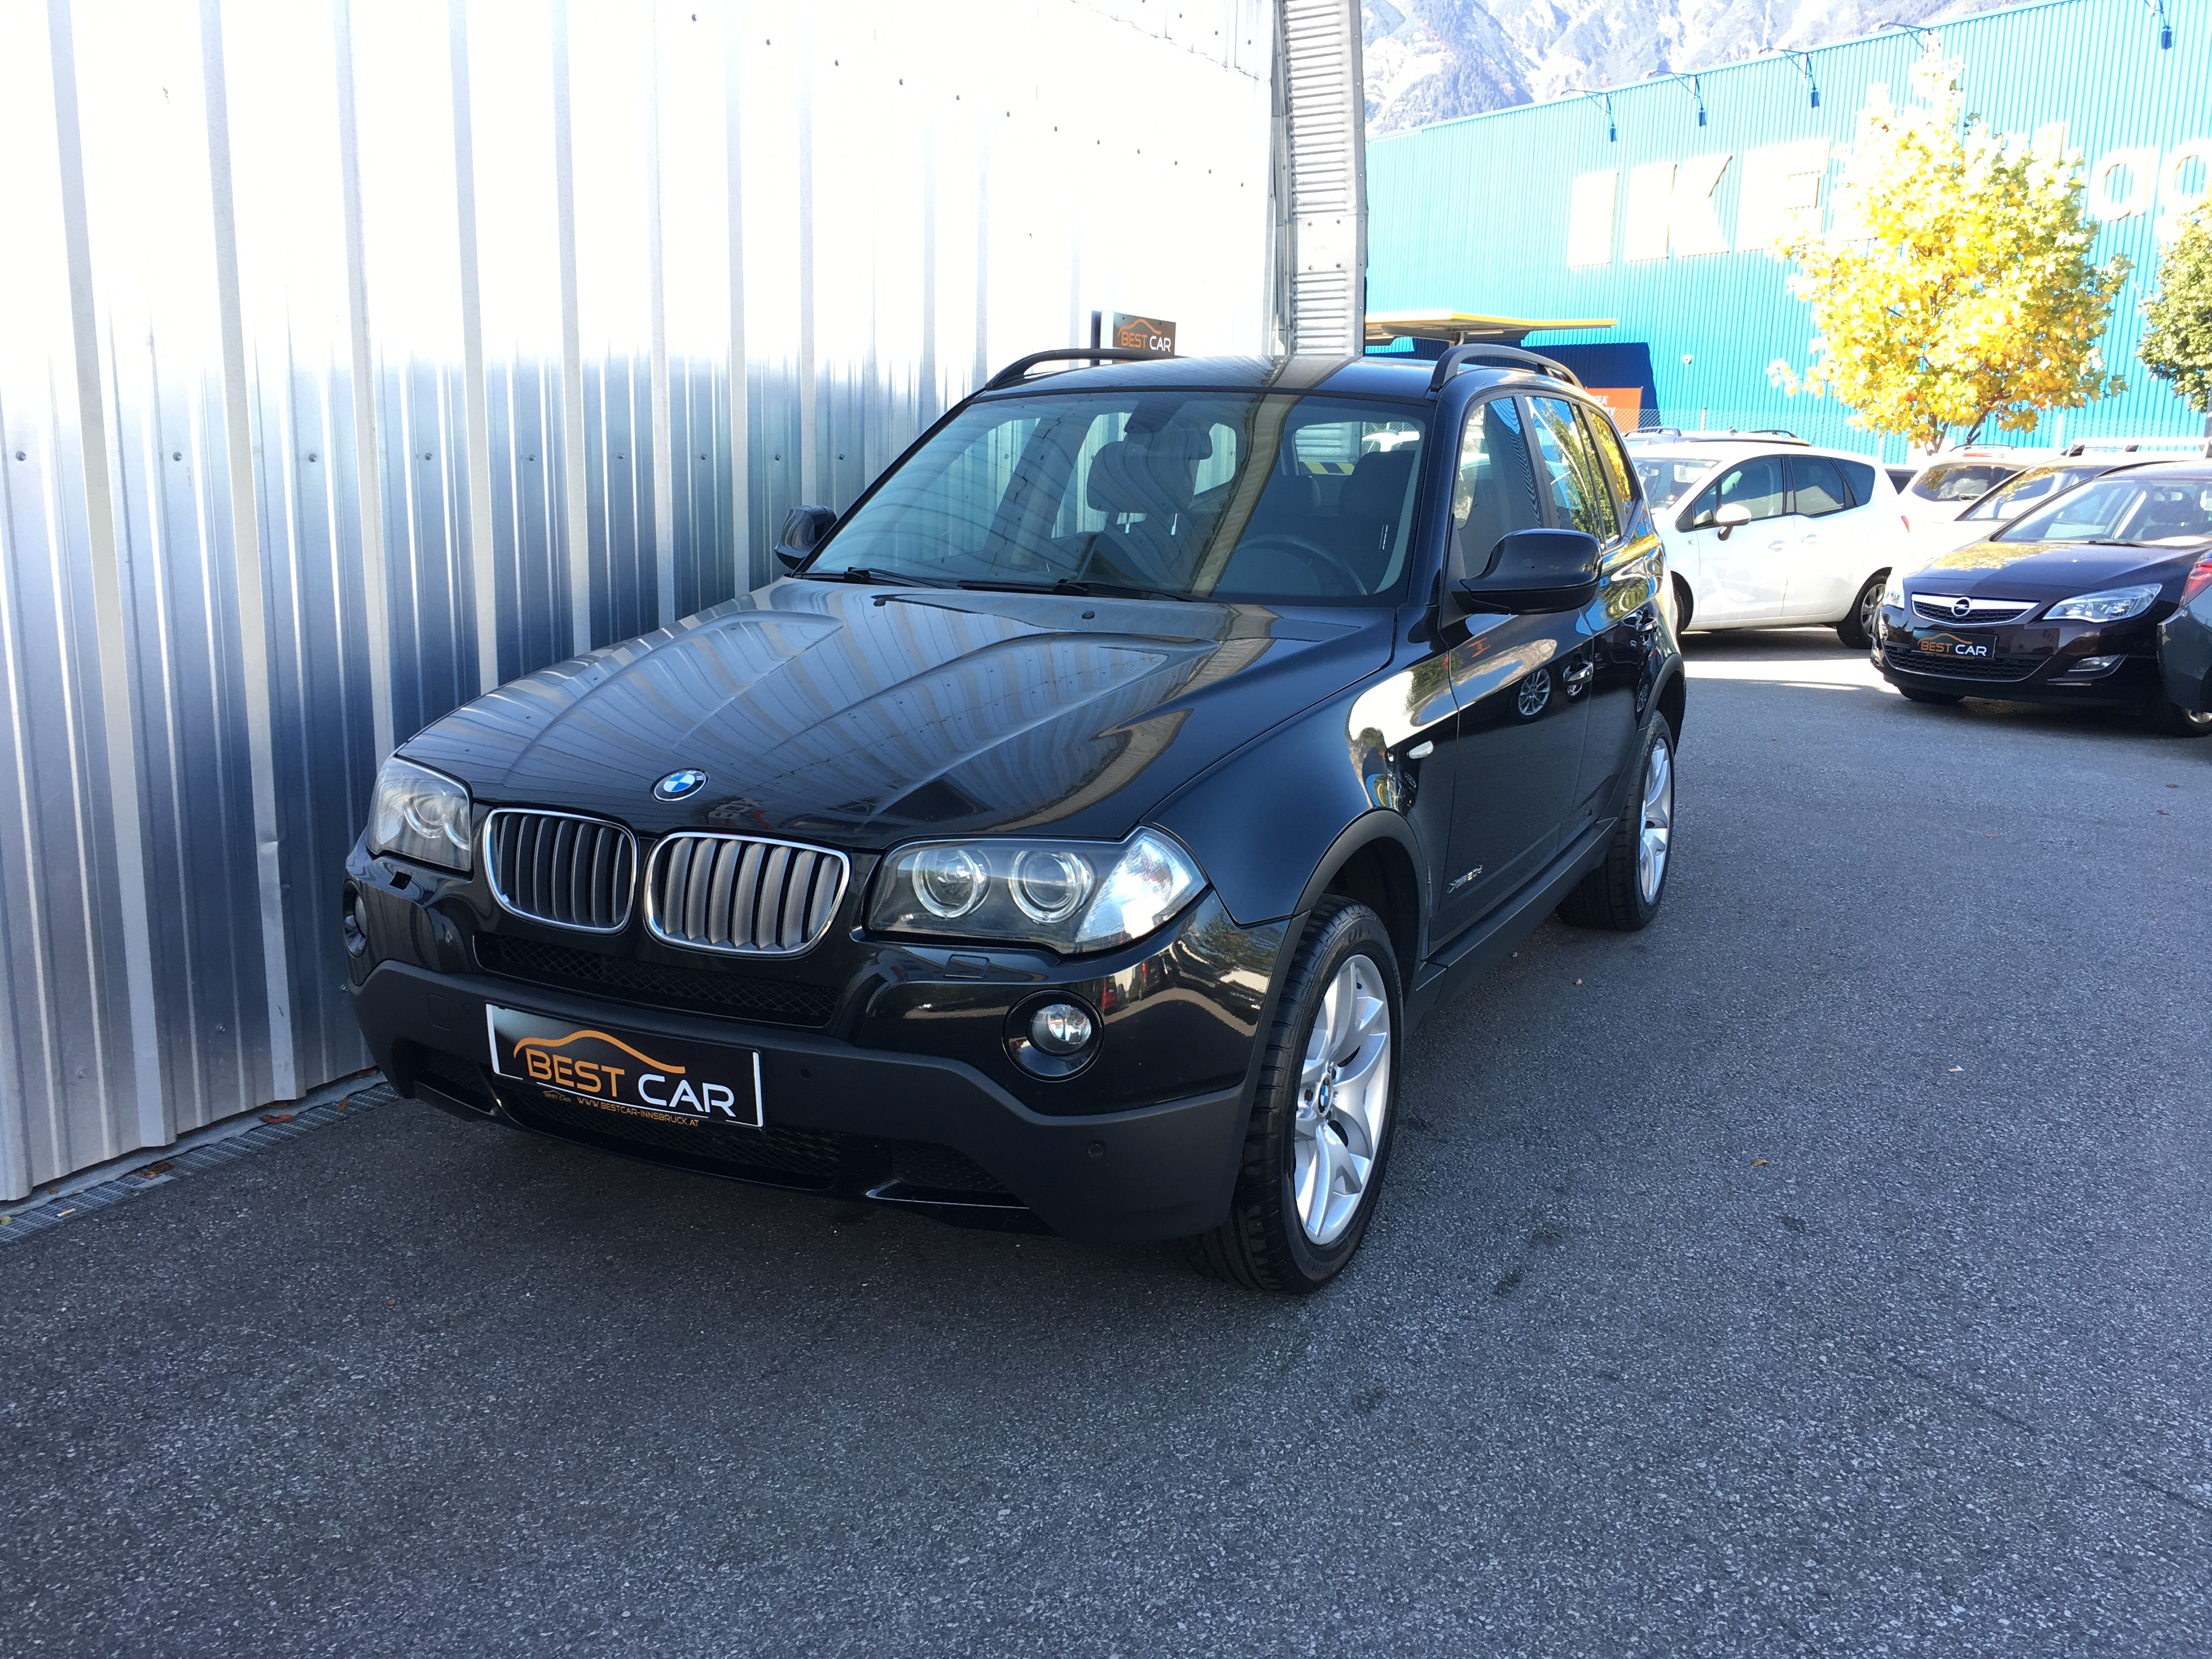 BMW X3 2 0d –sterreich Paket